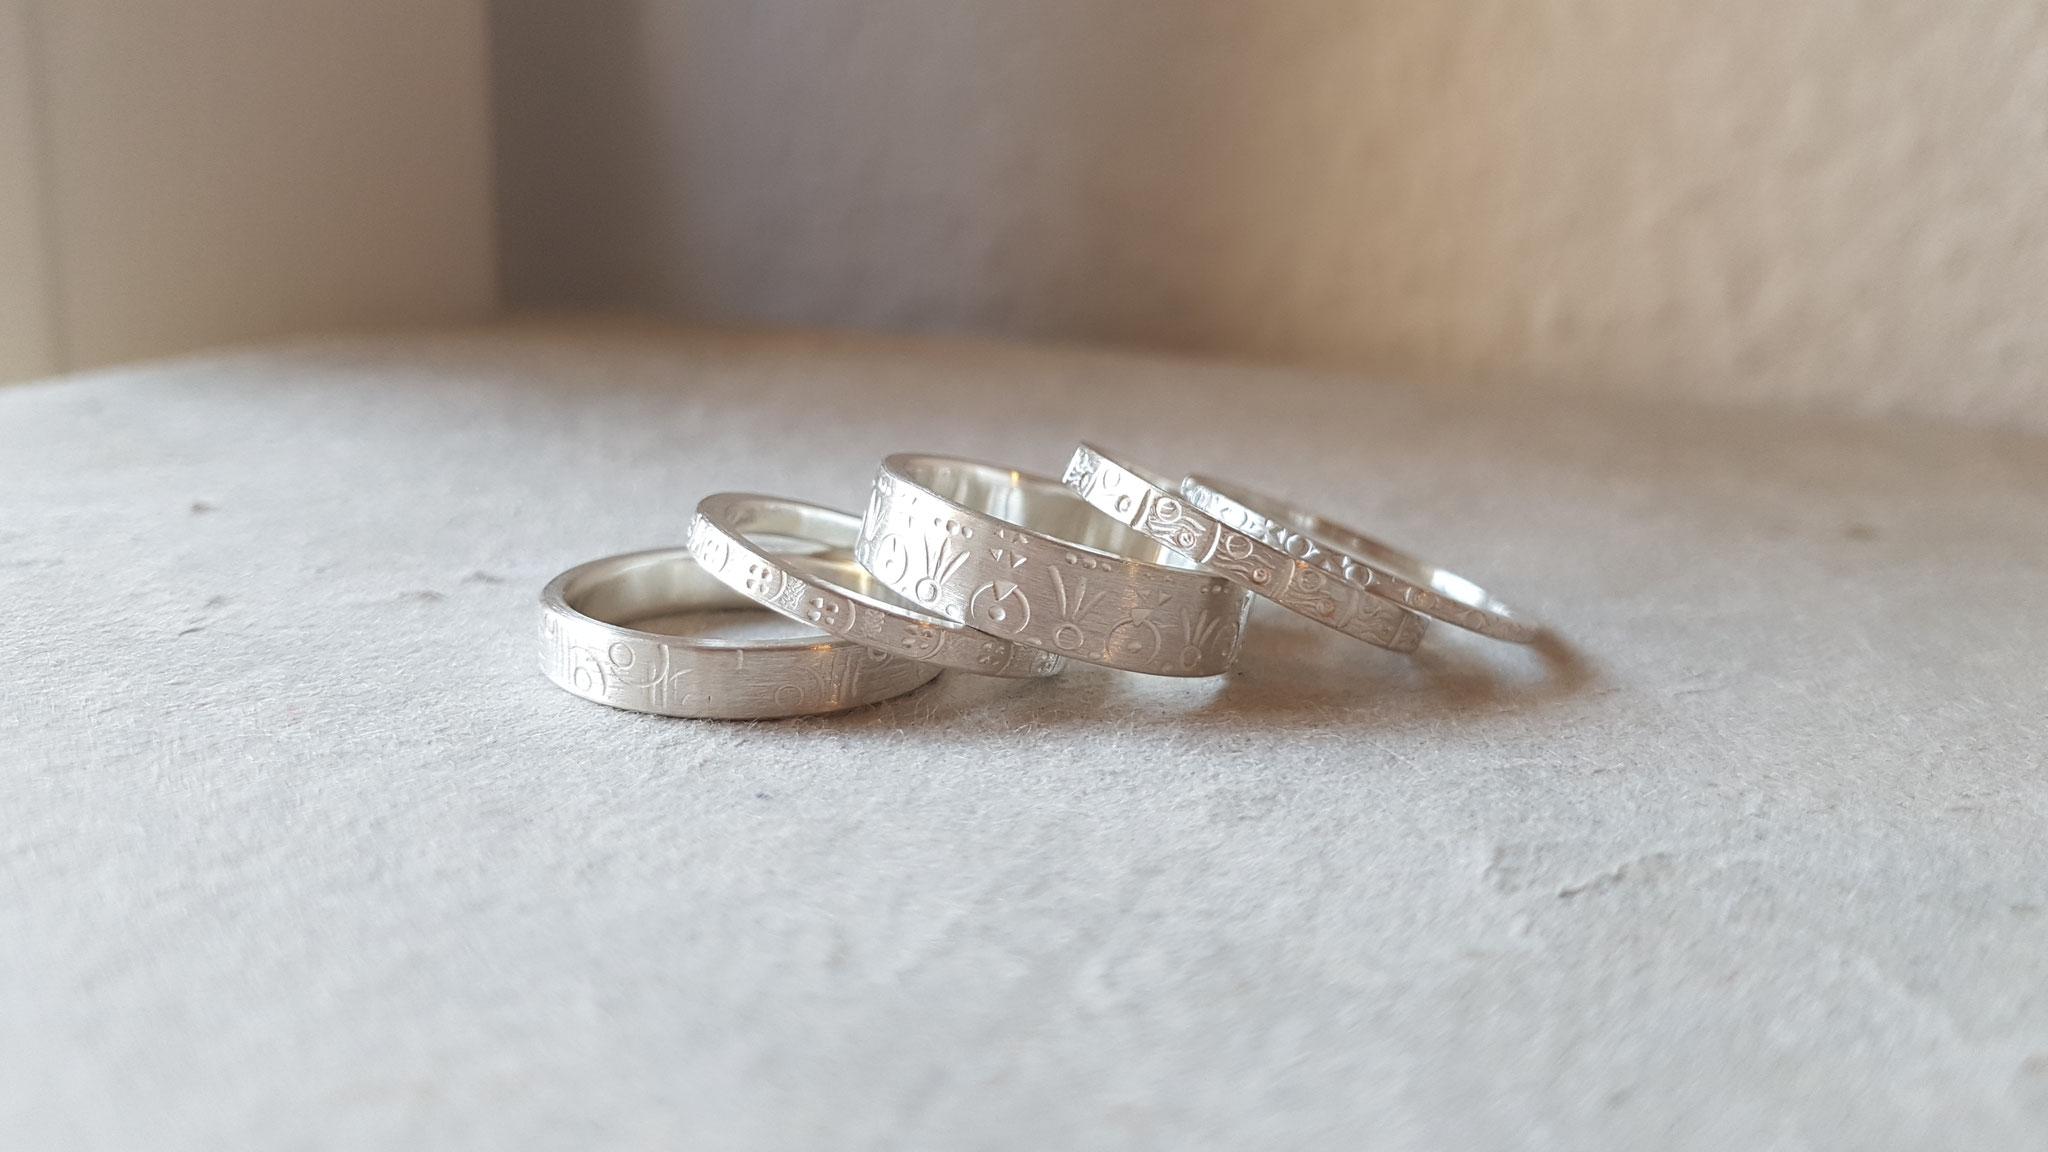 Ringe in Silber 925, ziseliert